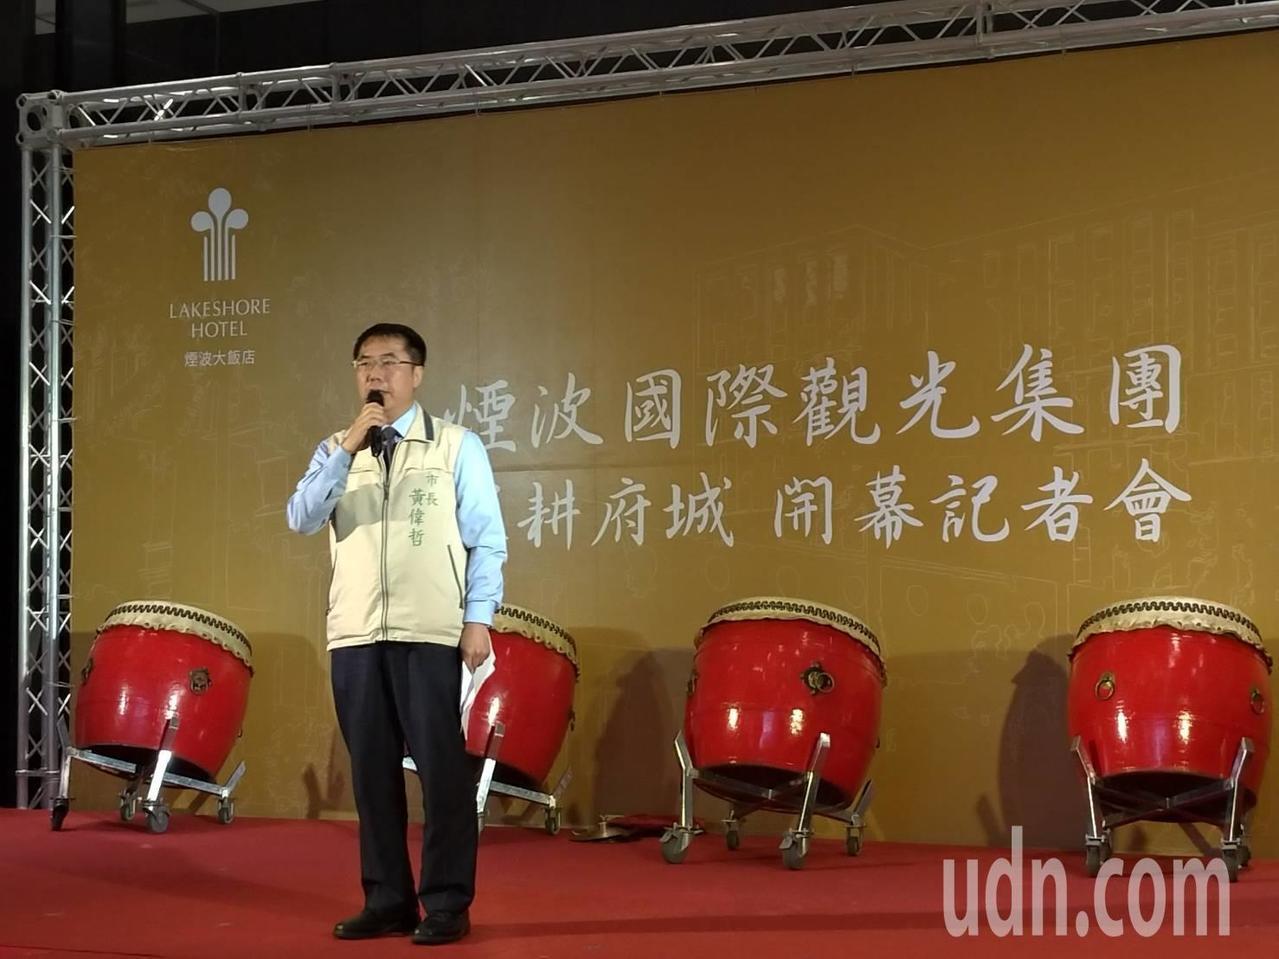 洪秀柱計畫參選台南市立委,黃偉哲表示,內部已經做好防颱準備。記者陳俞安/攝影